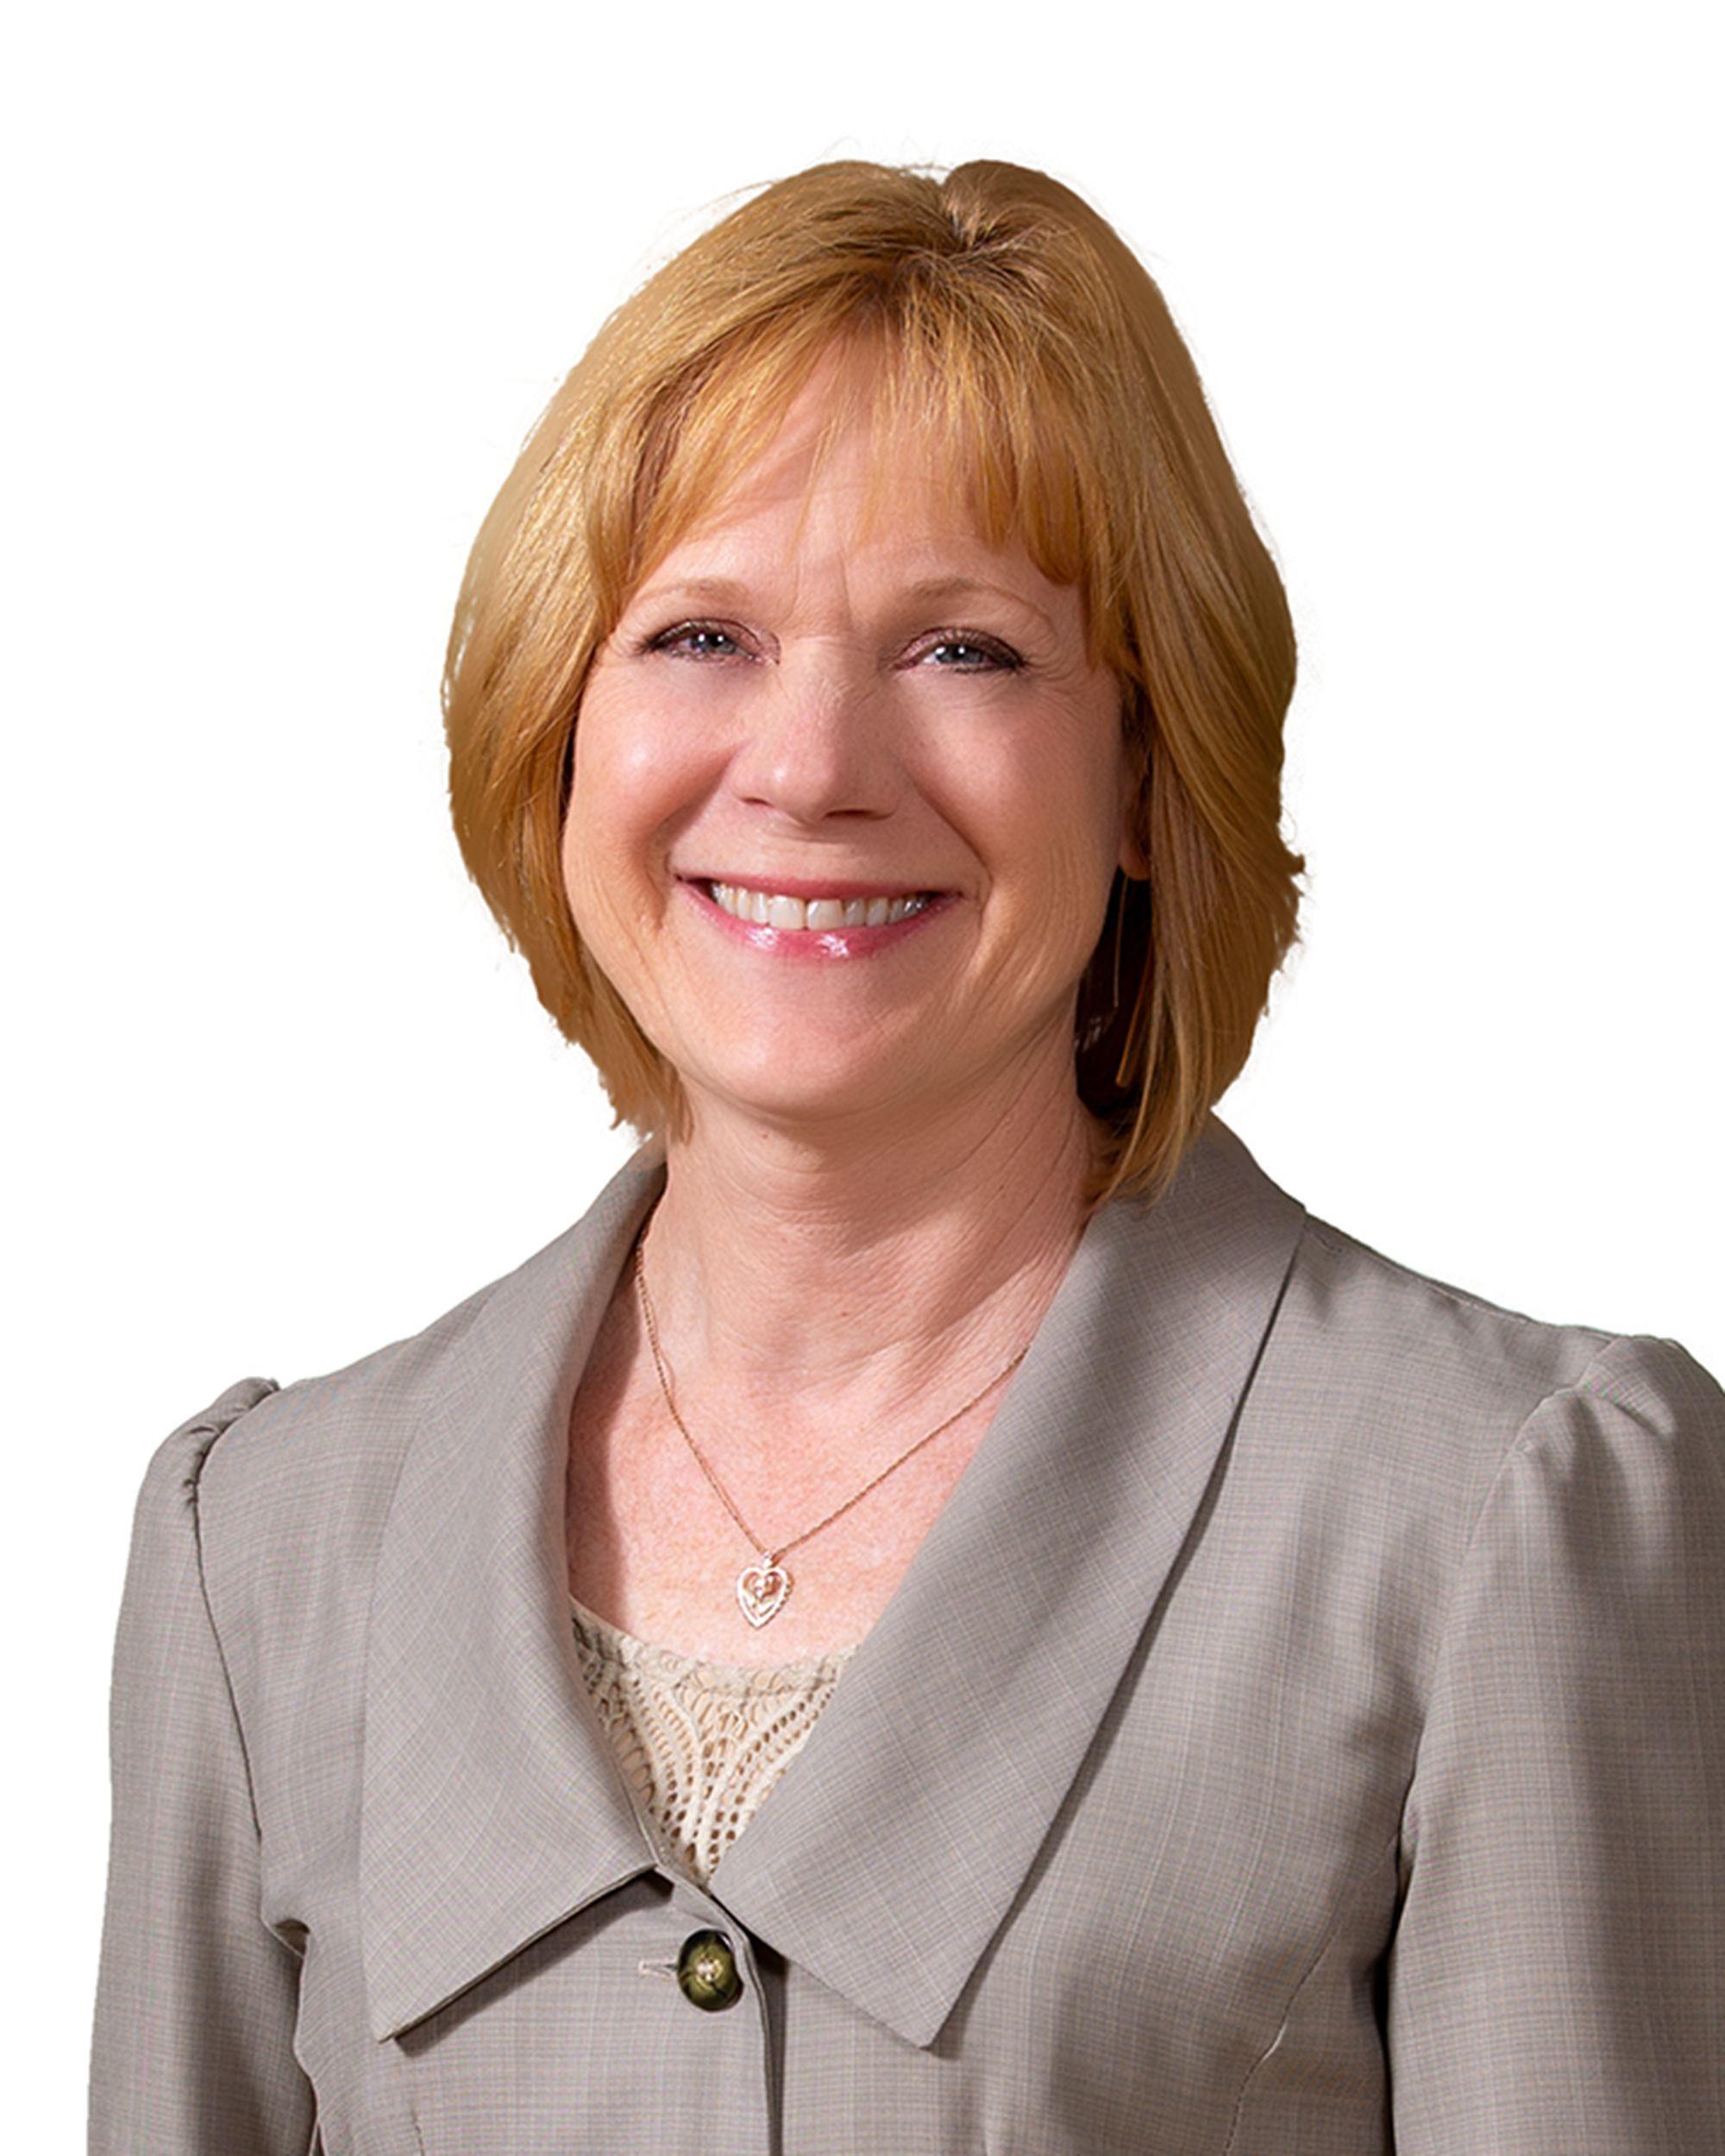 Cheryl Beem